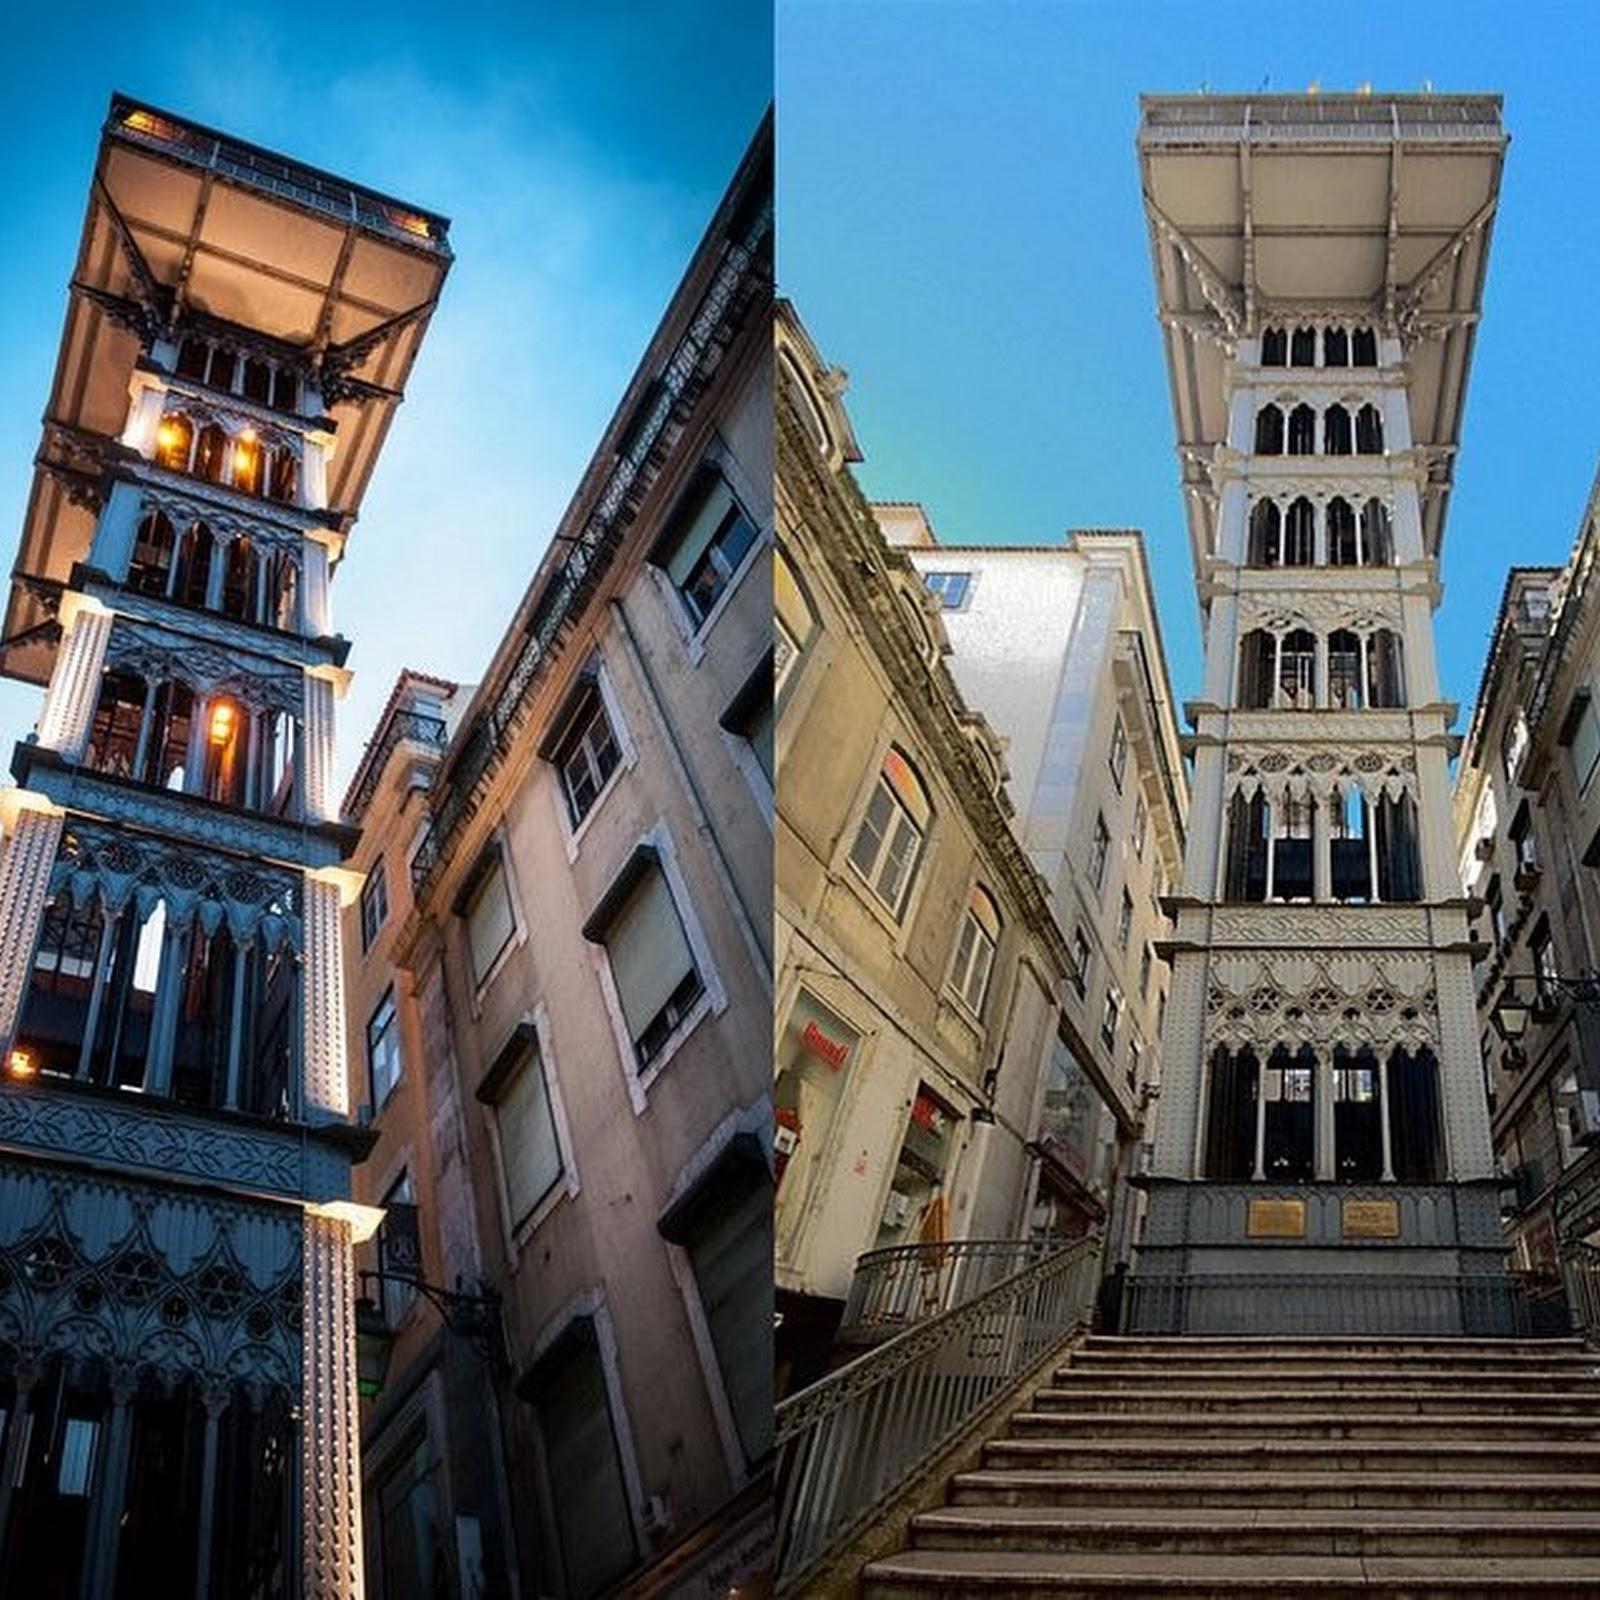 The Santa Justa Elevator in Lisbon